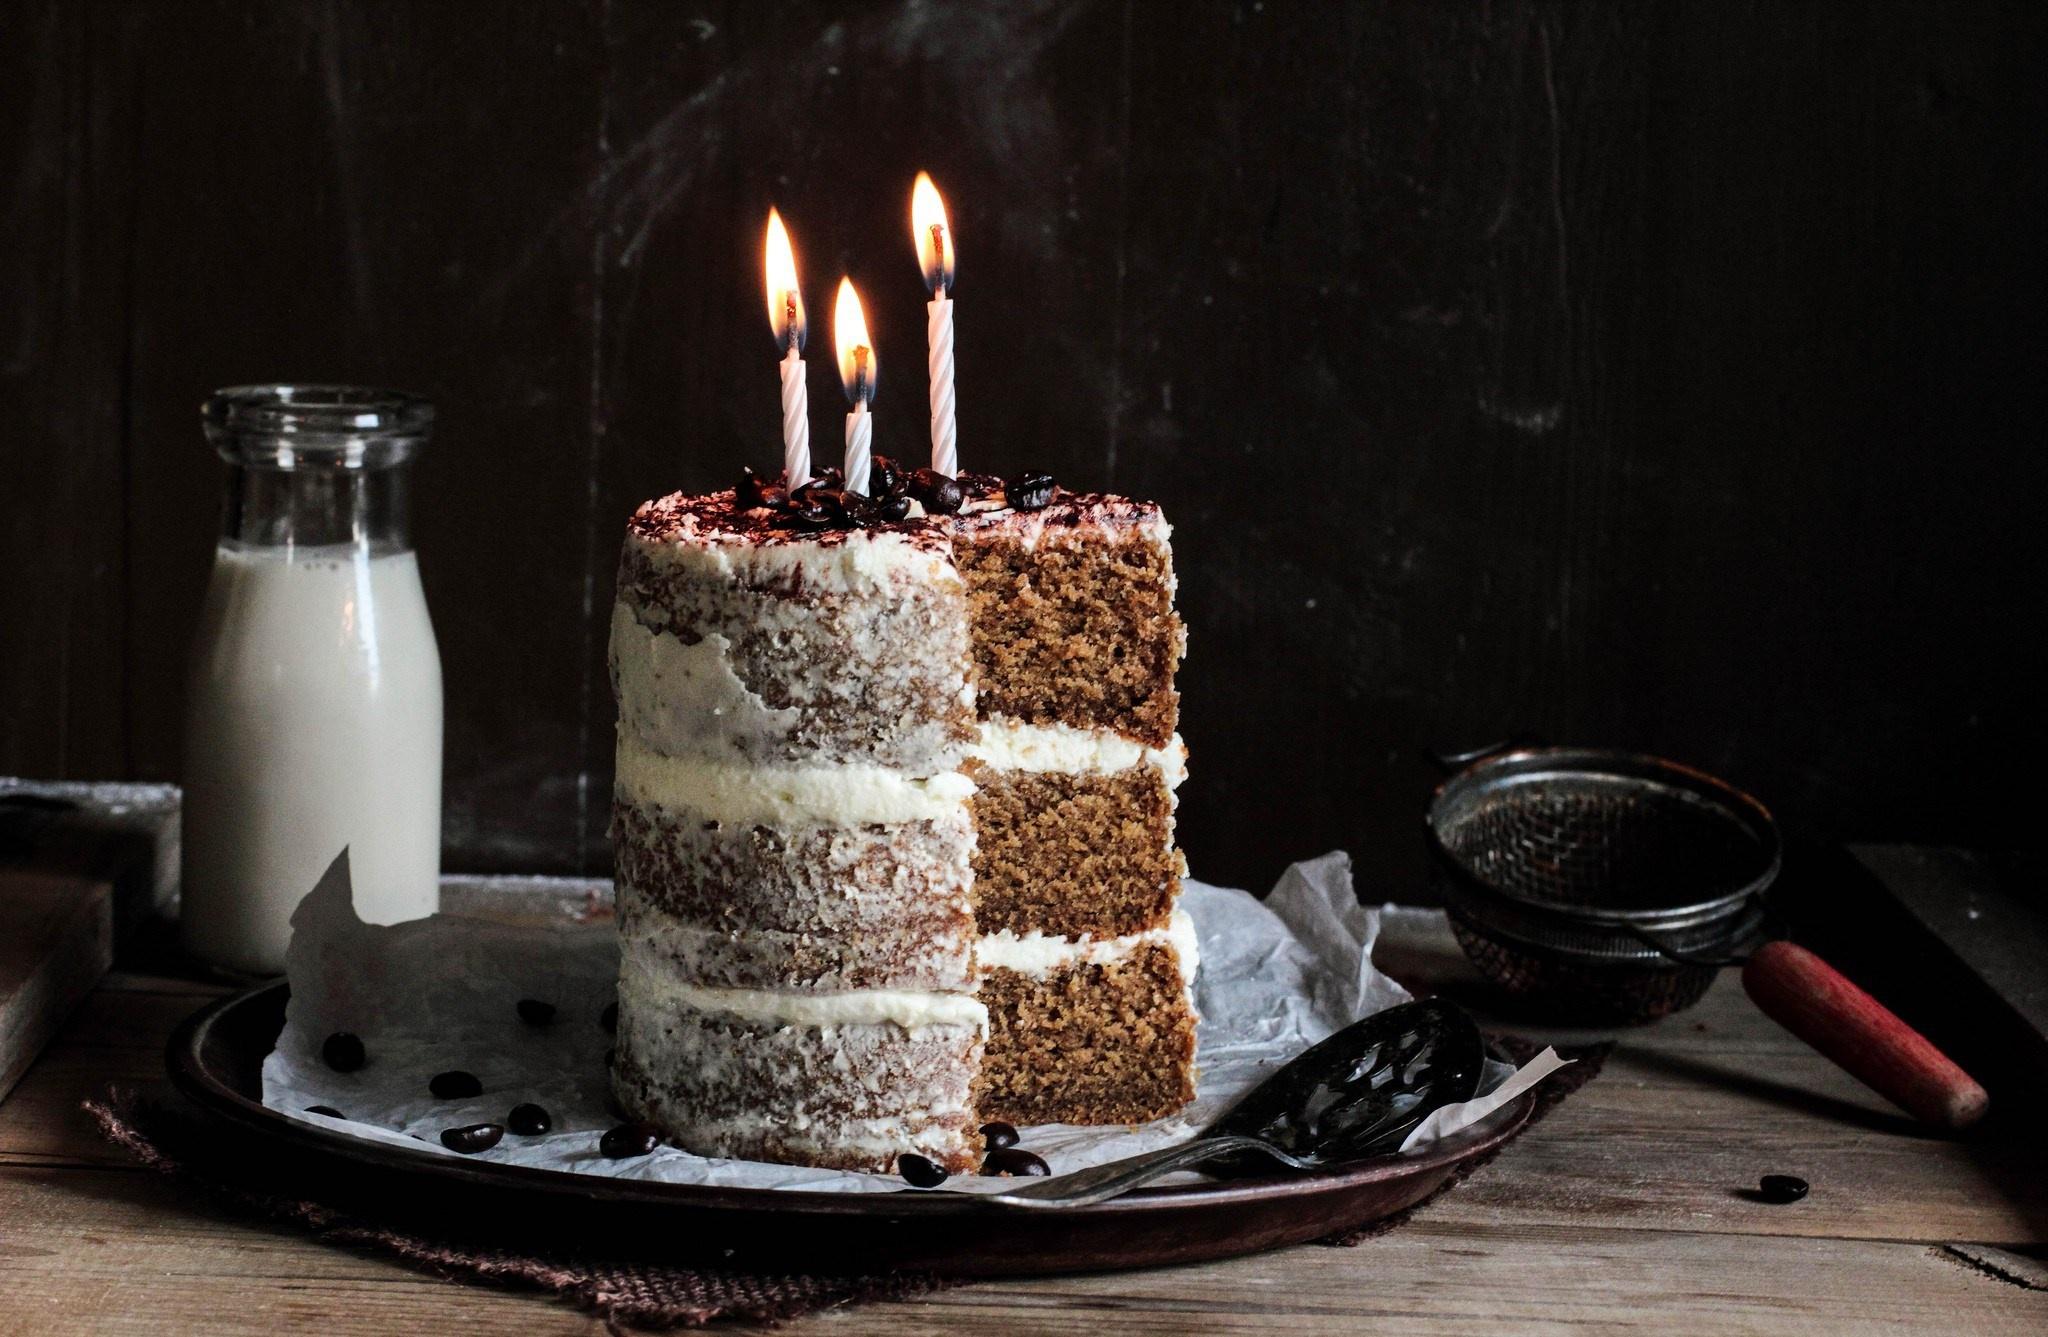 Кусок торта со свечей  № 2183947 без смс